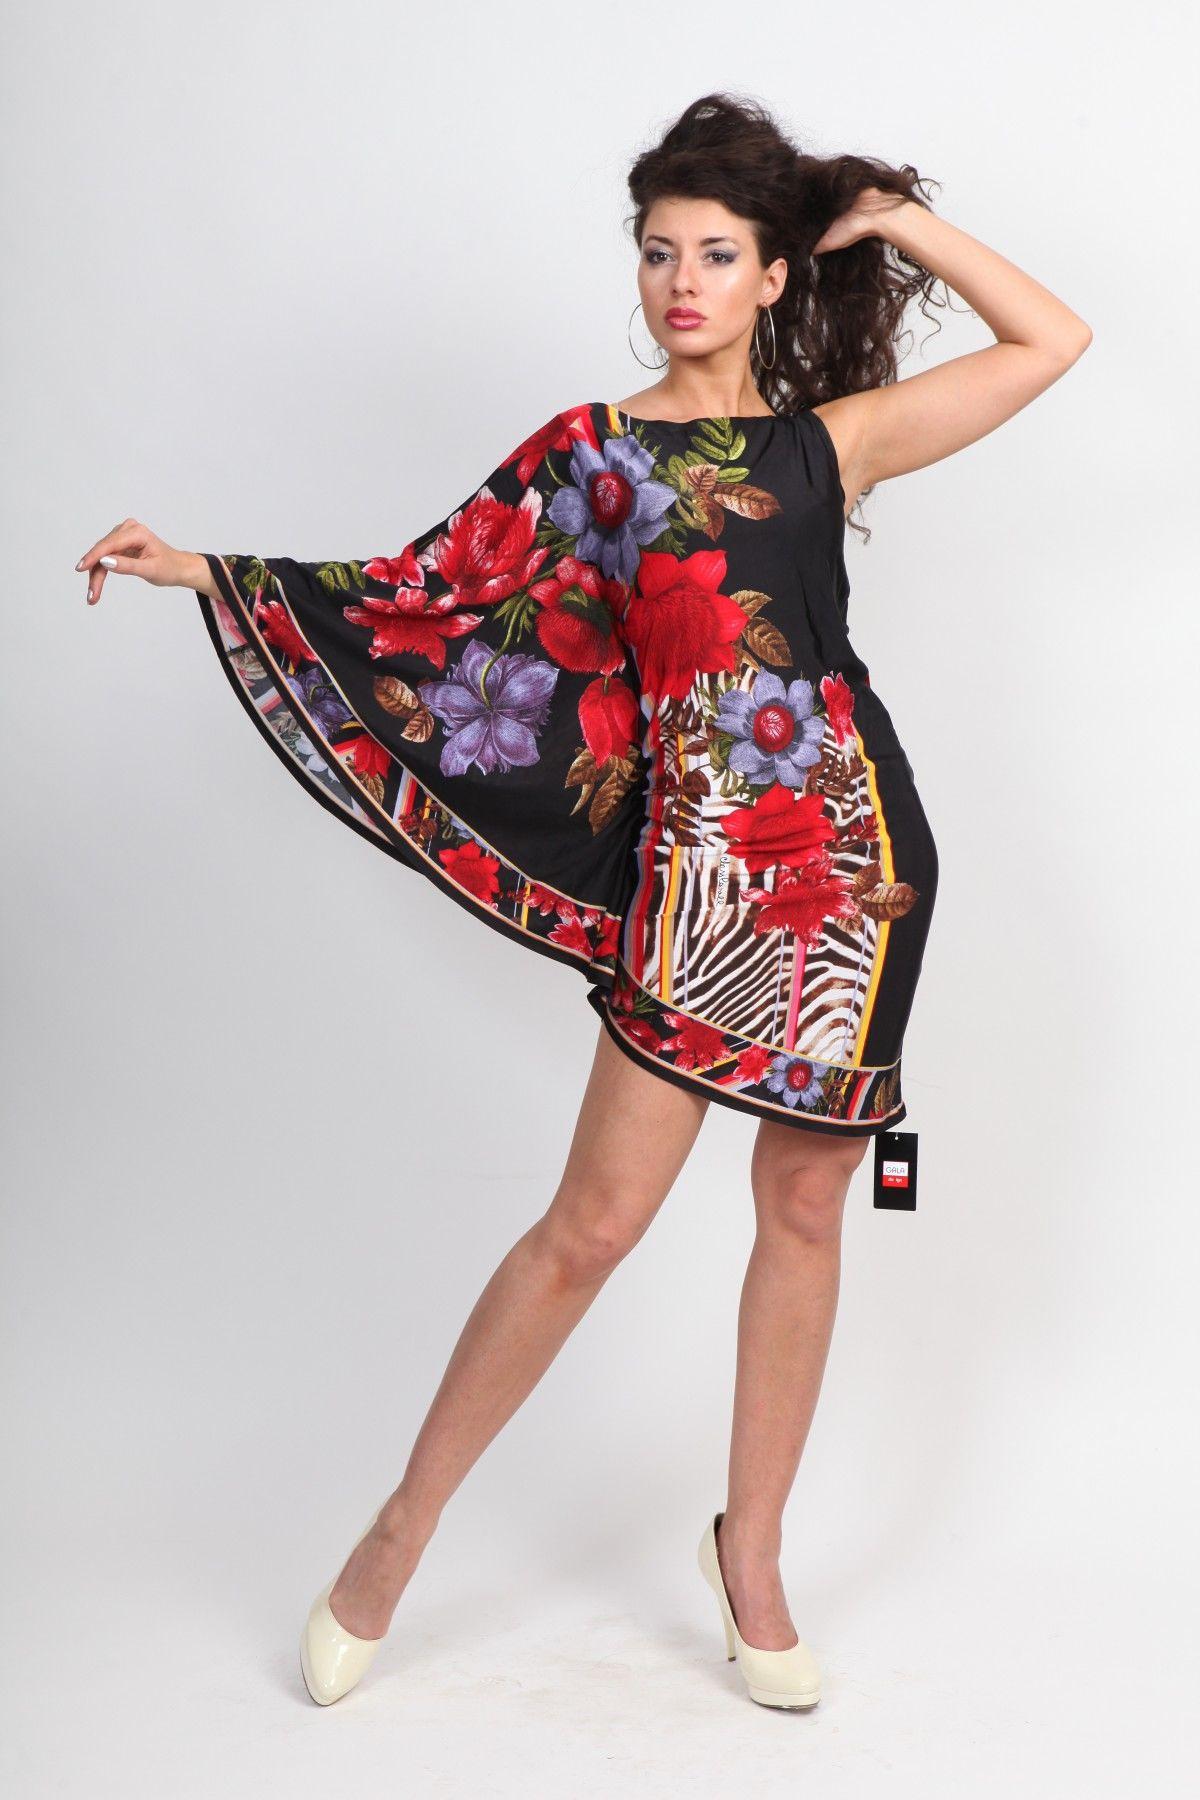 Летнее платье +пояс в подарок, цена - 100